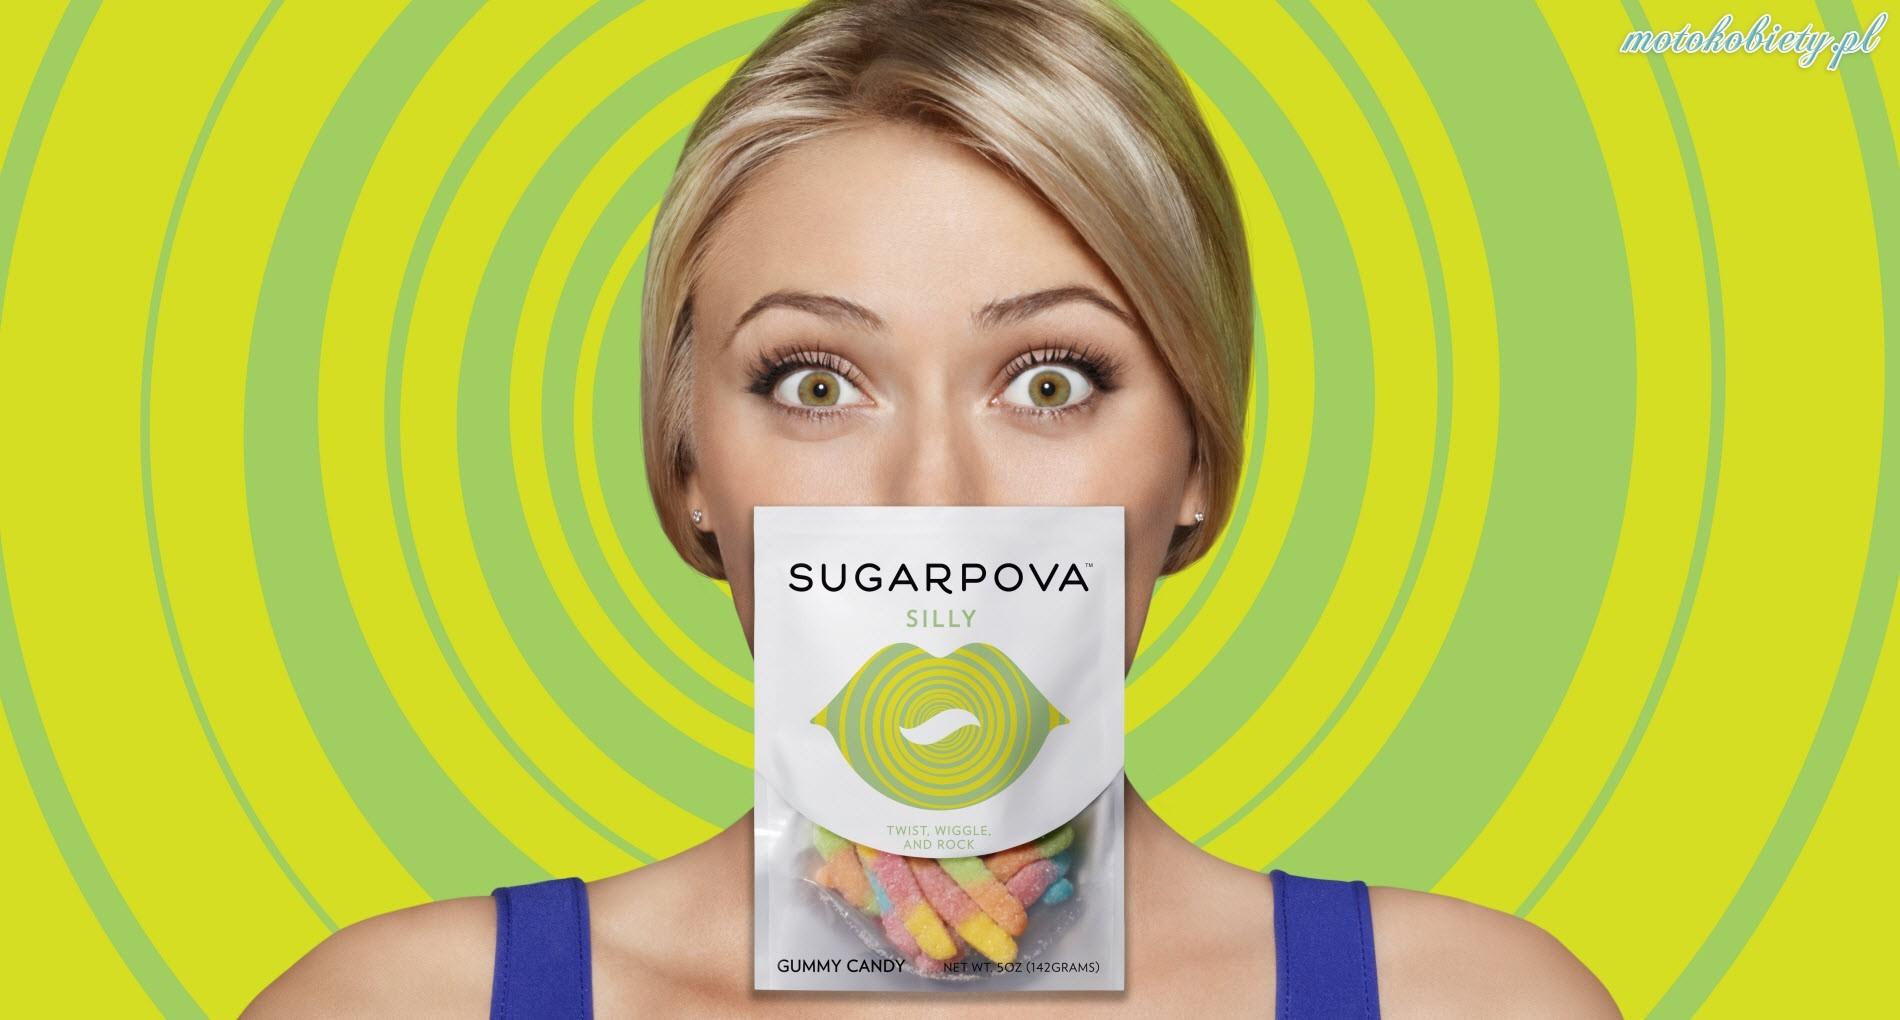 Sugarpova